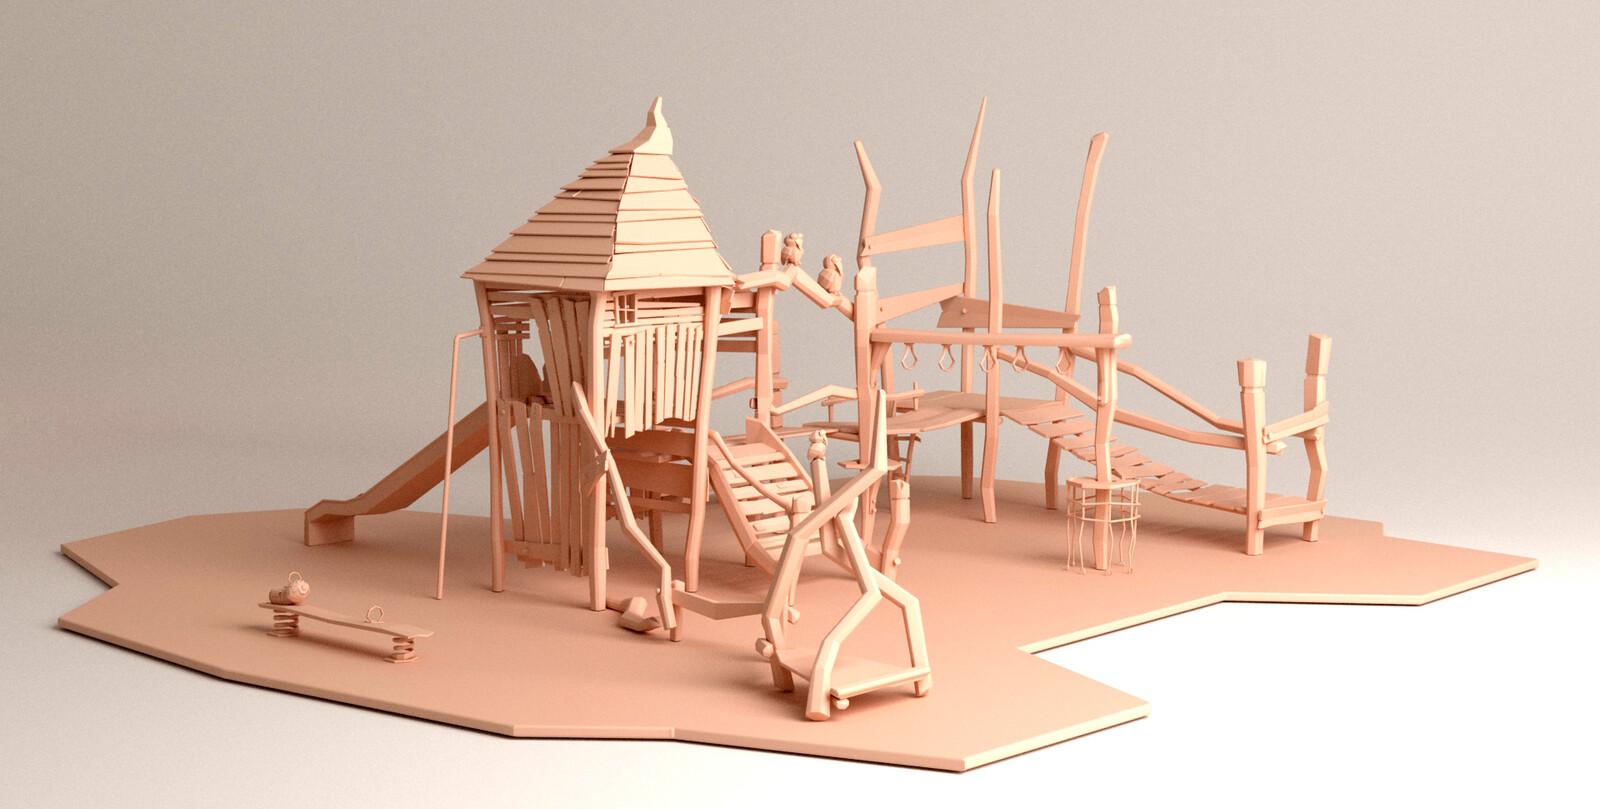 3D model, full scene, front-right view